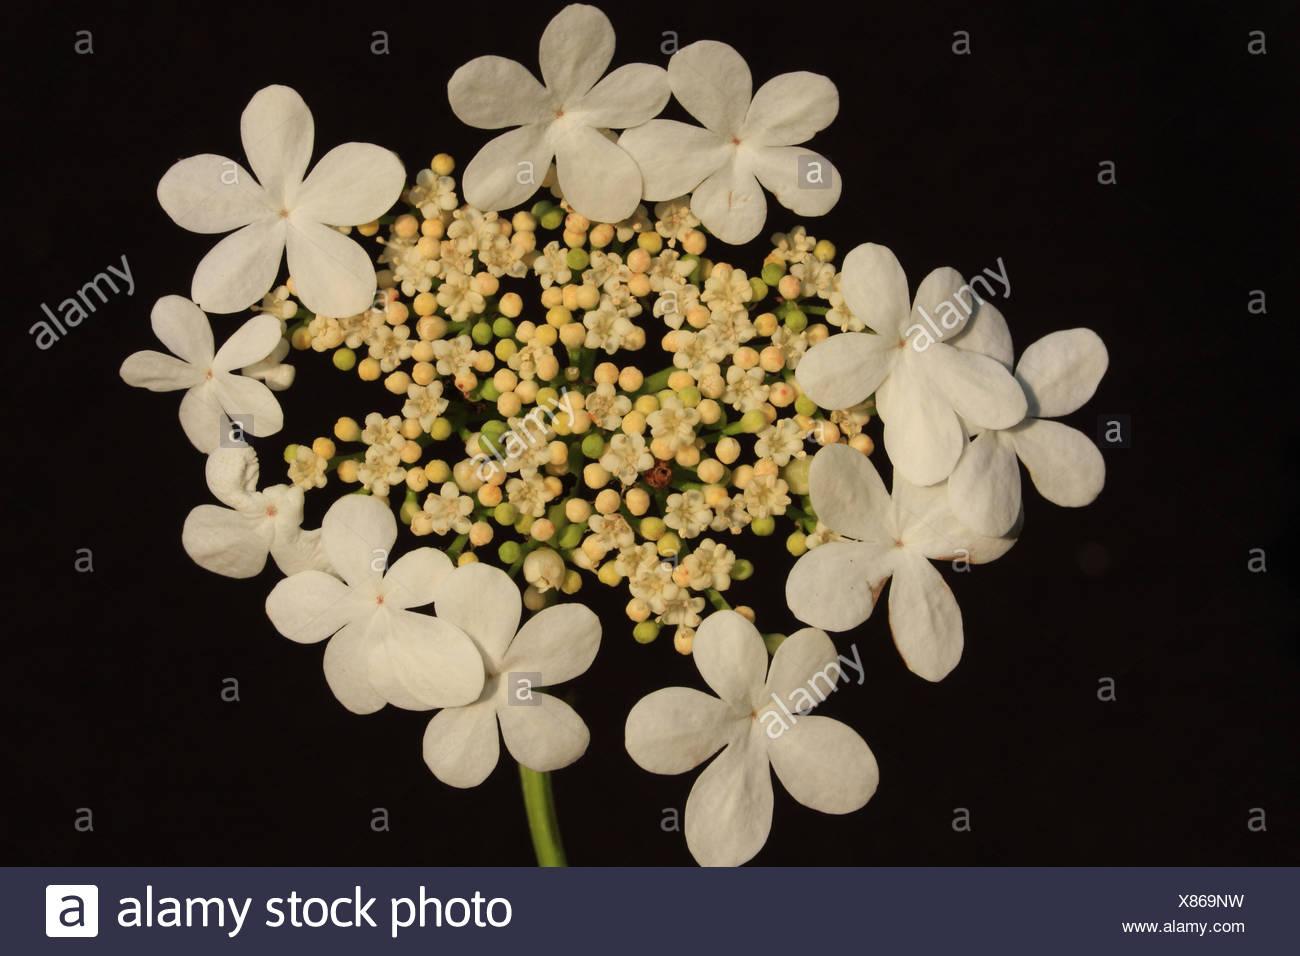 bloeiwijze van Gelderse Roos met steriele randbloemen (of zo je wilt: randstandige schijnbloemen) en centraal echte bloemen in bloei, knop (geelwit) en jonge knop (groen) Stock Photo